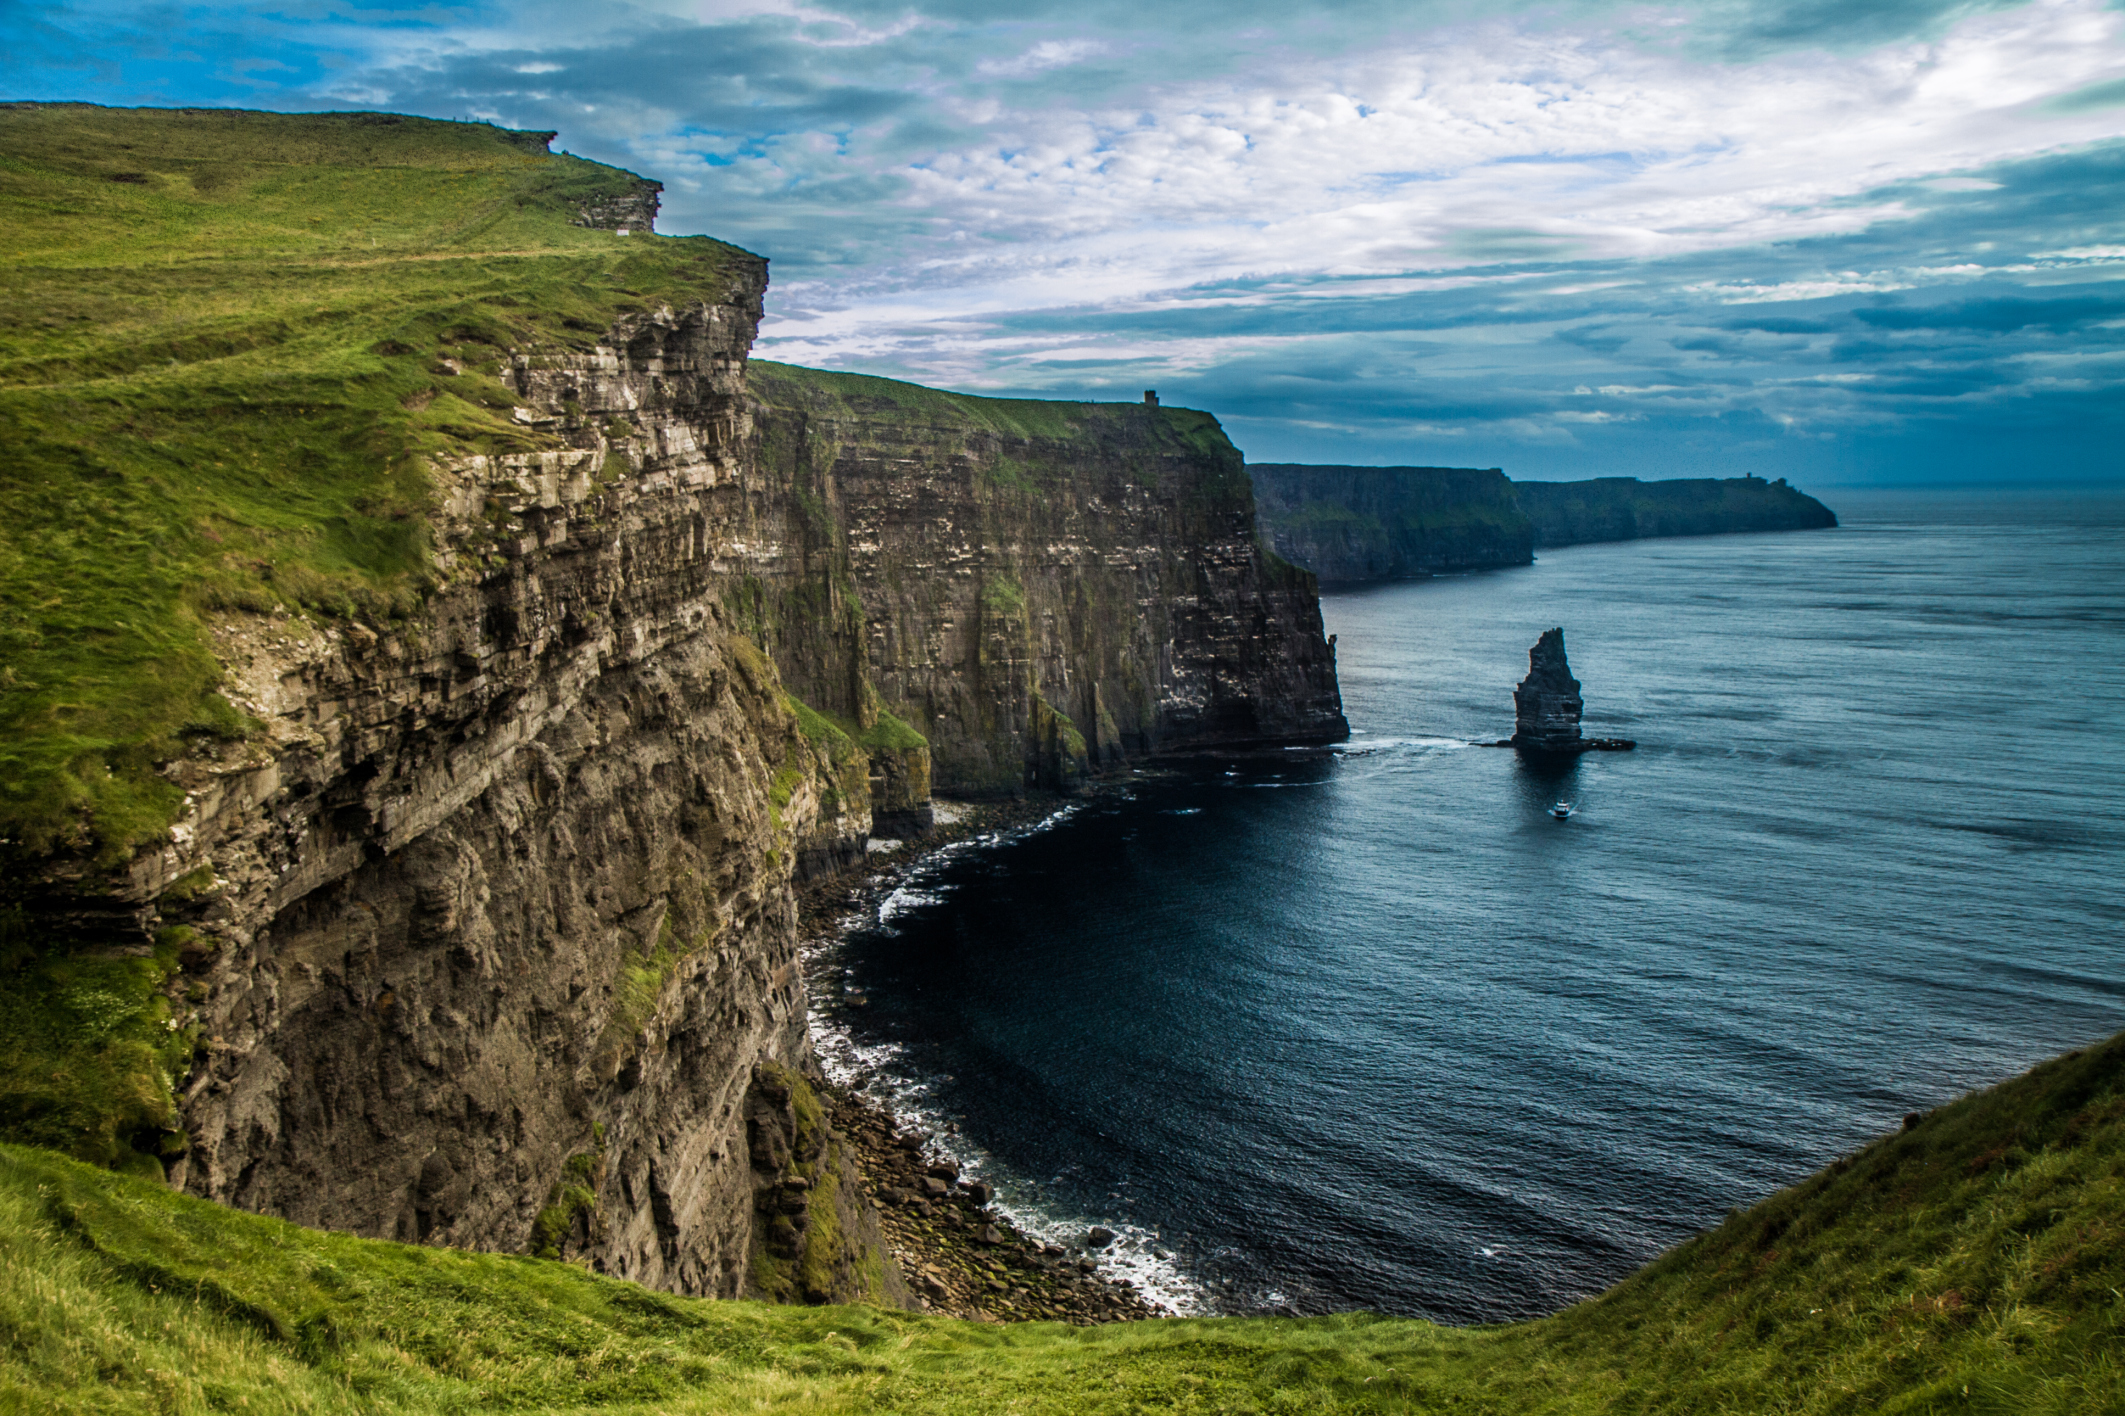 Falésias pelo mundo - Moher, Irlanda